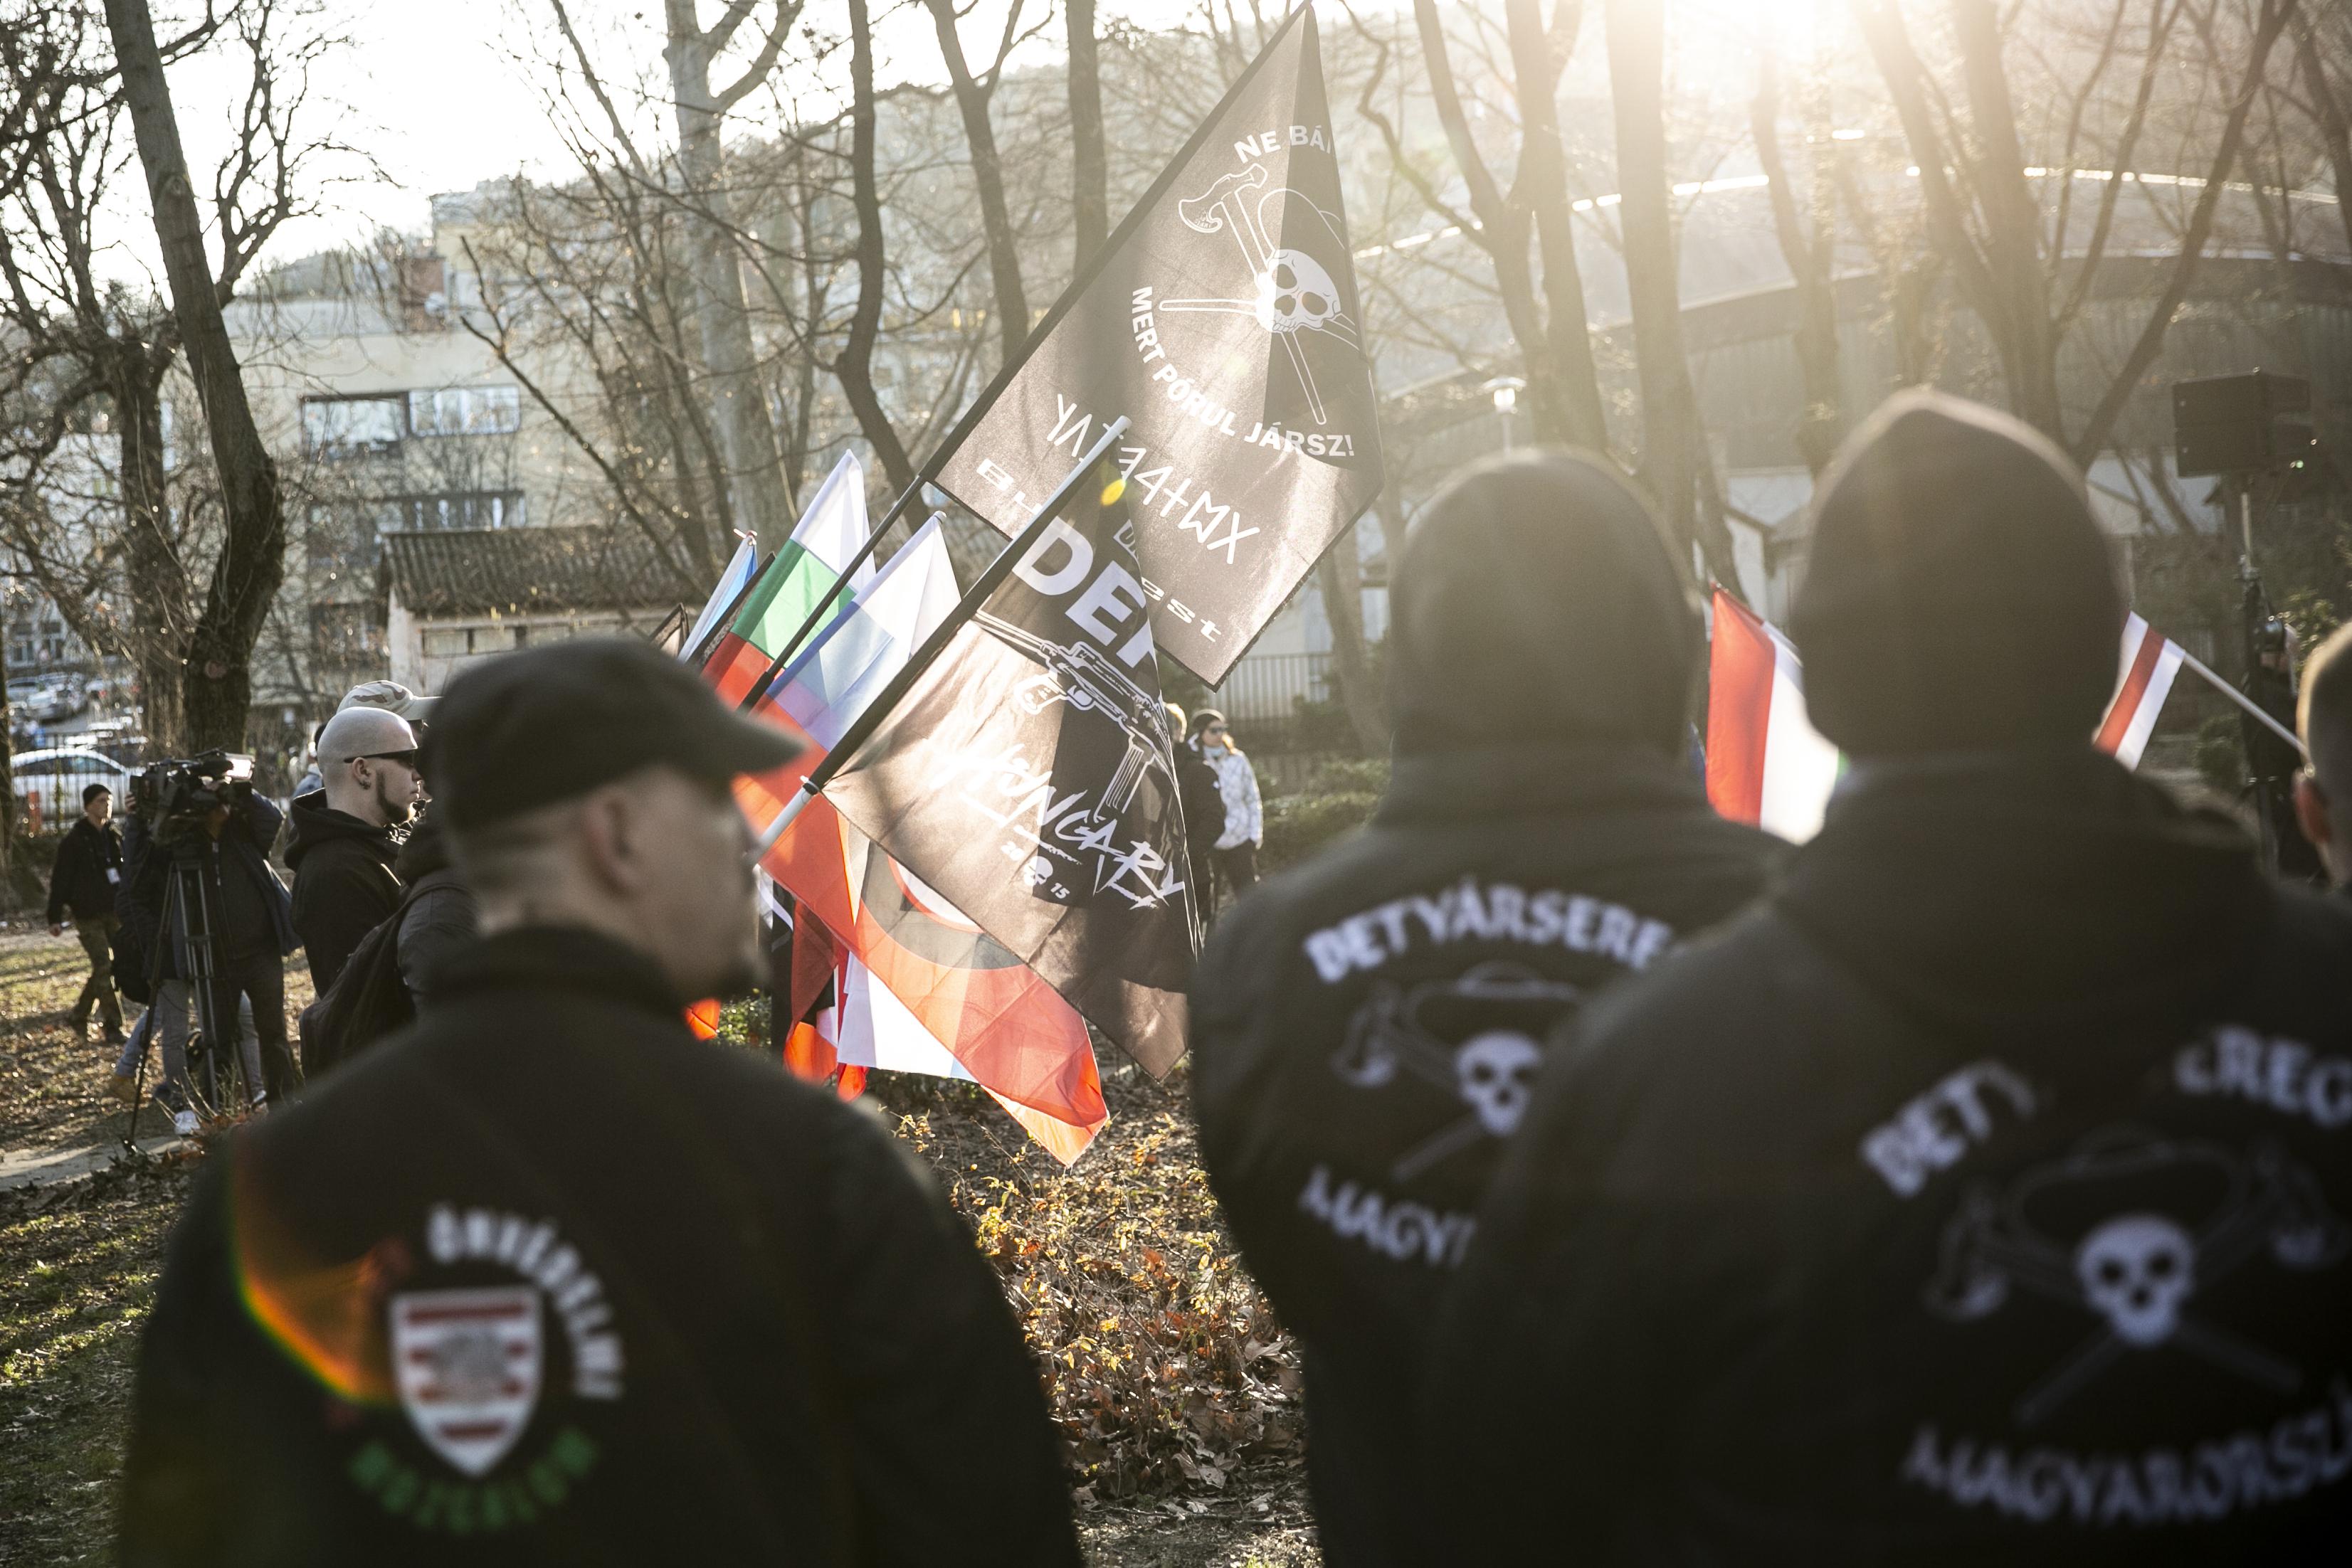 Az egri bíróság nem tartotta valószínűnek, hogy a Betyársereg tagjai rasszista indítékból zaklattak volna romákat